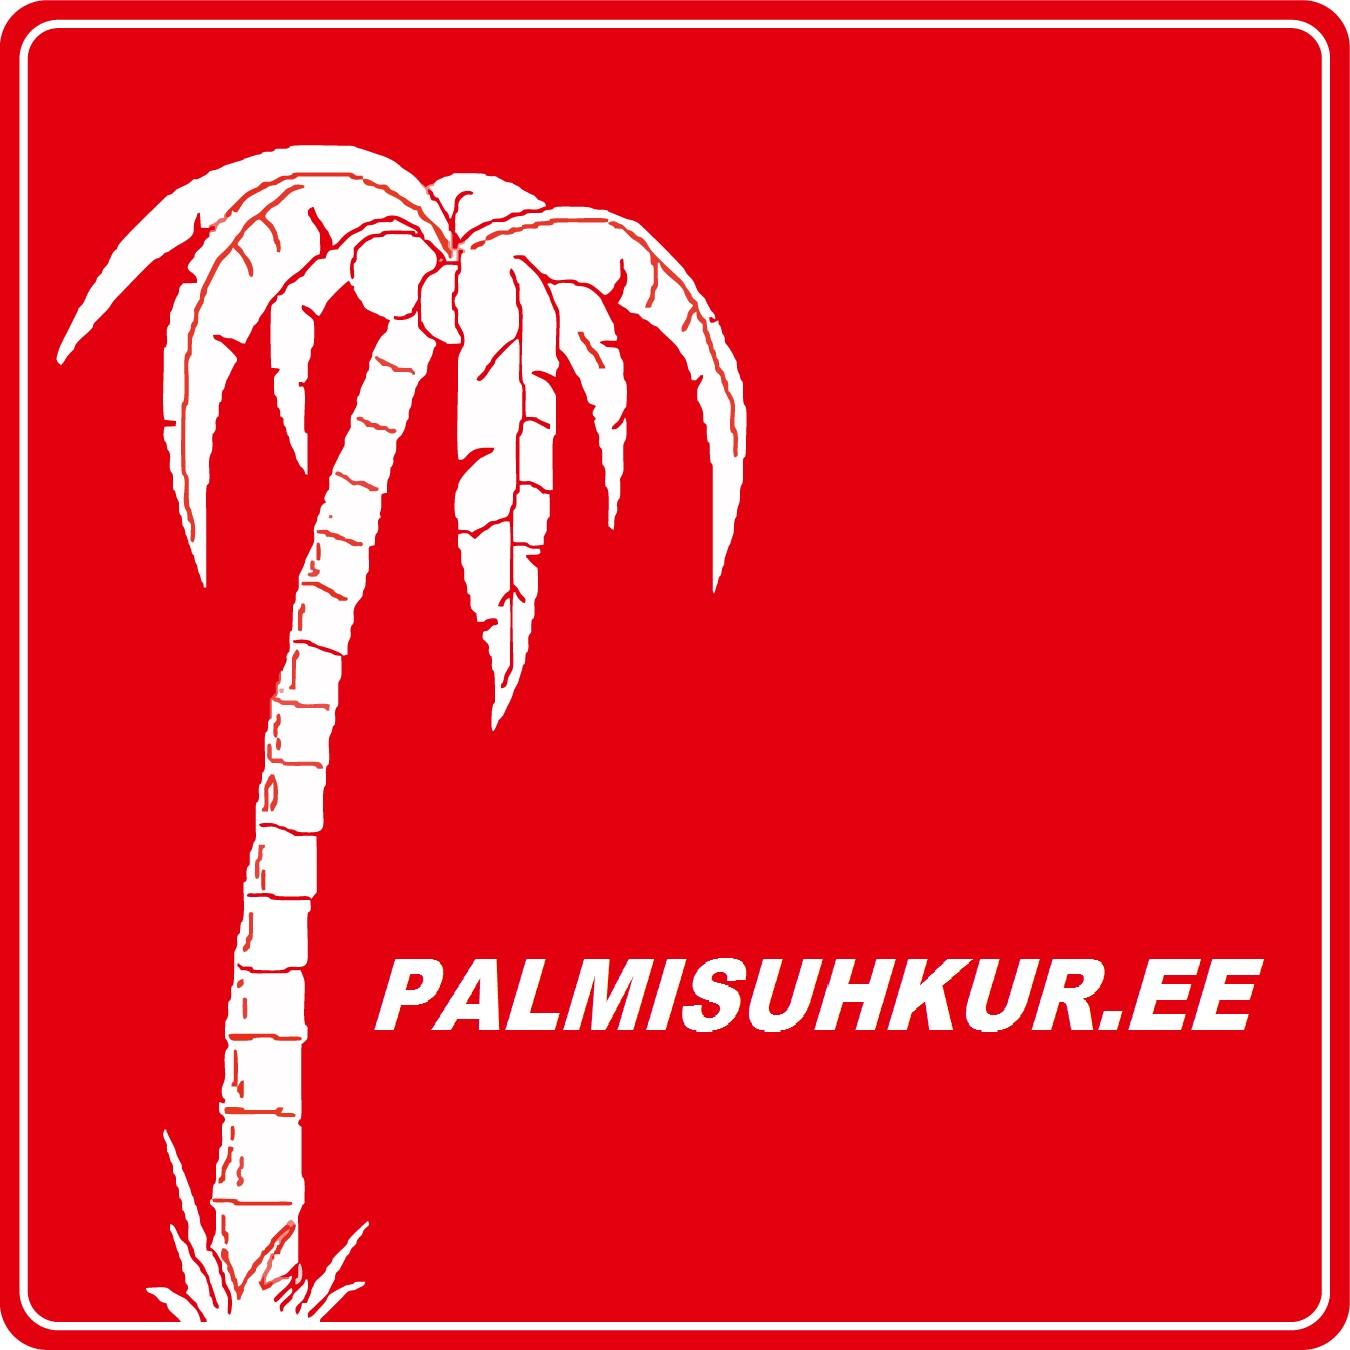 Palmisuhkur